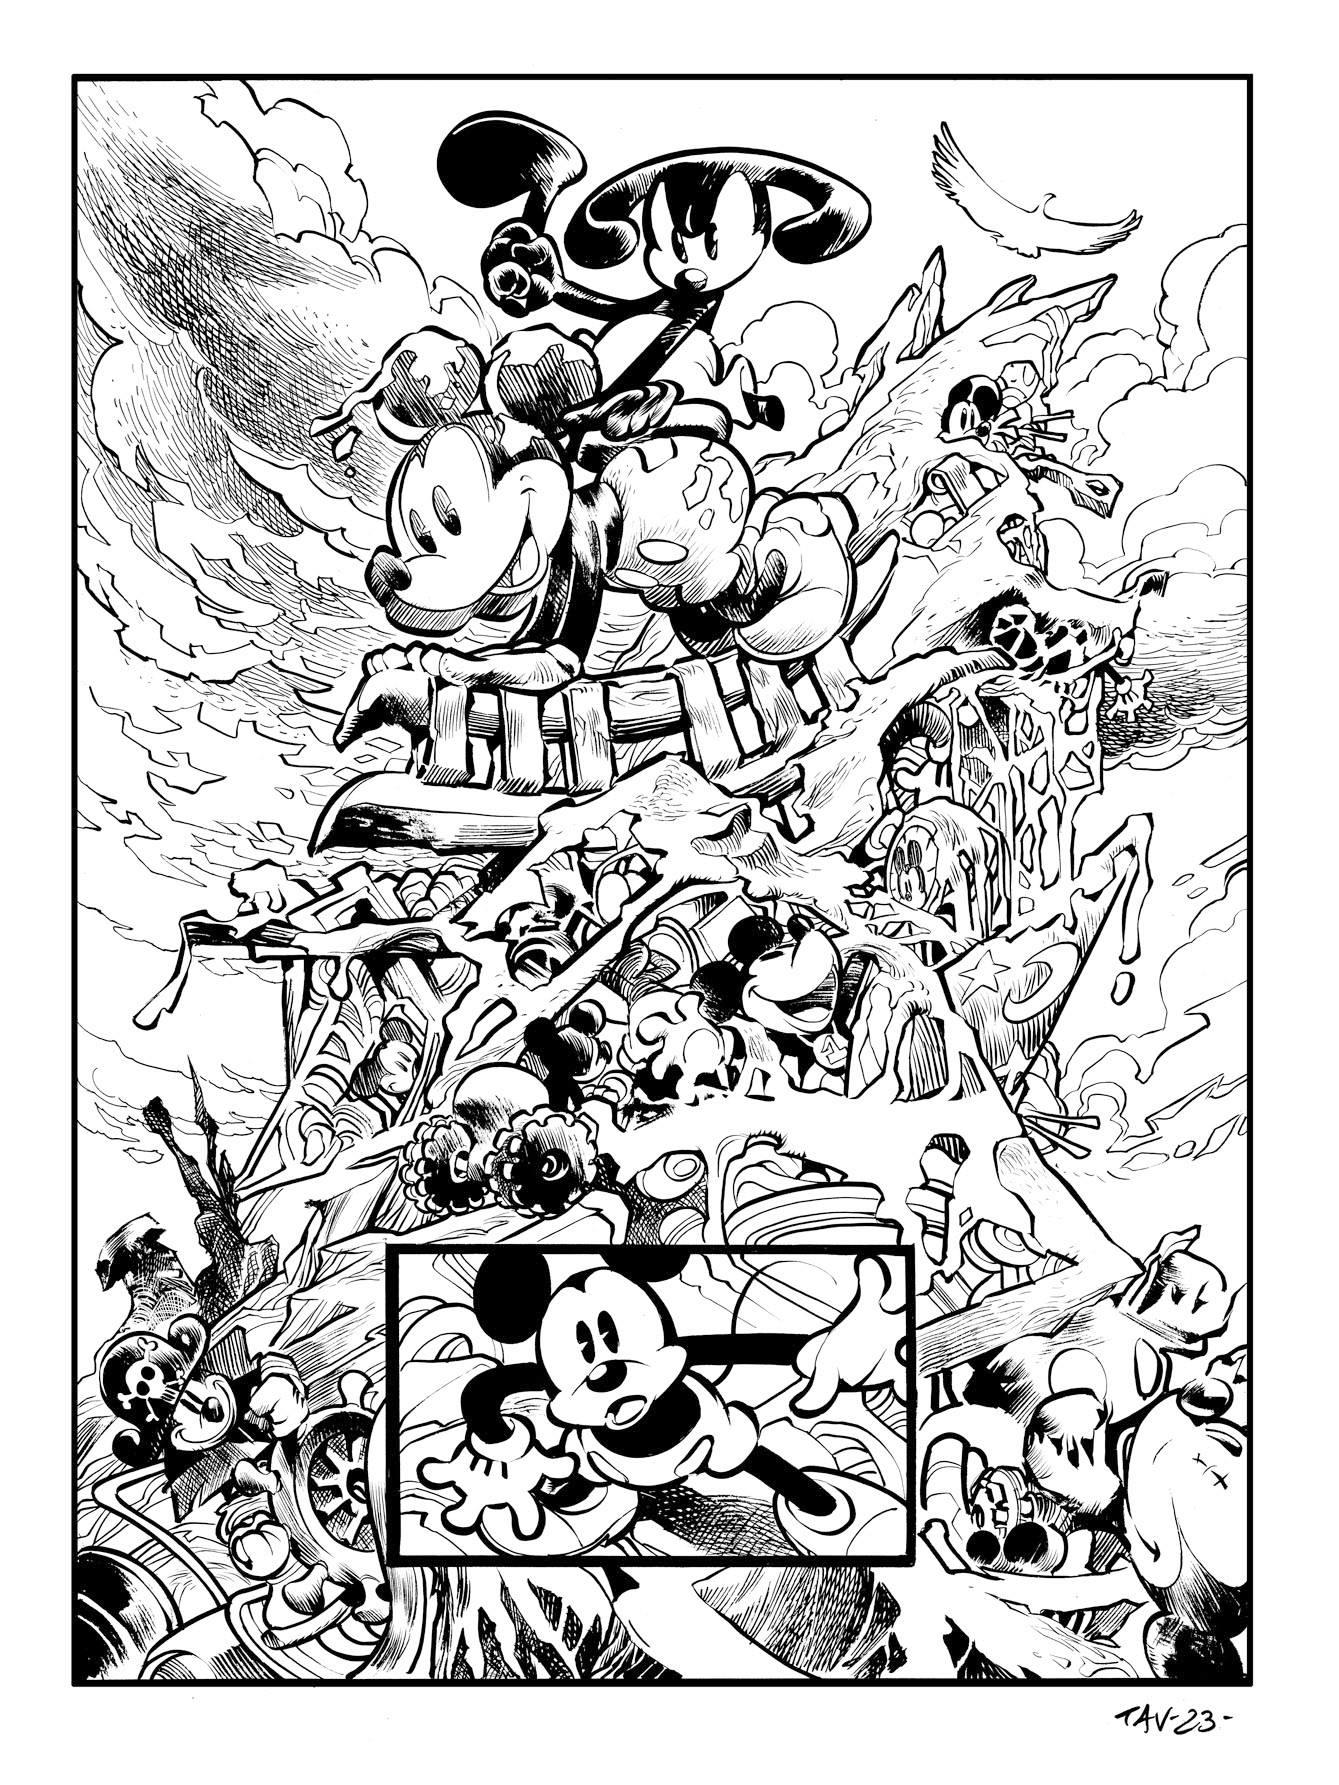 Tav. 23 Epic Mickey